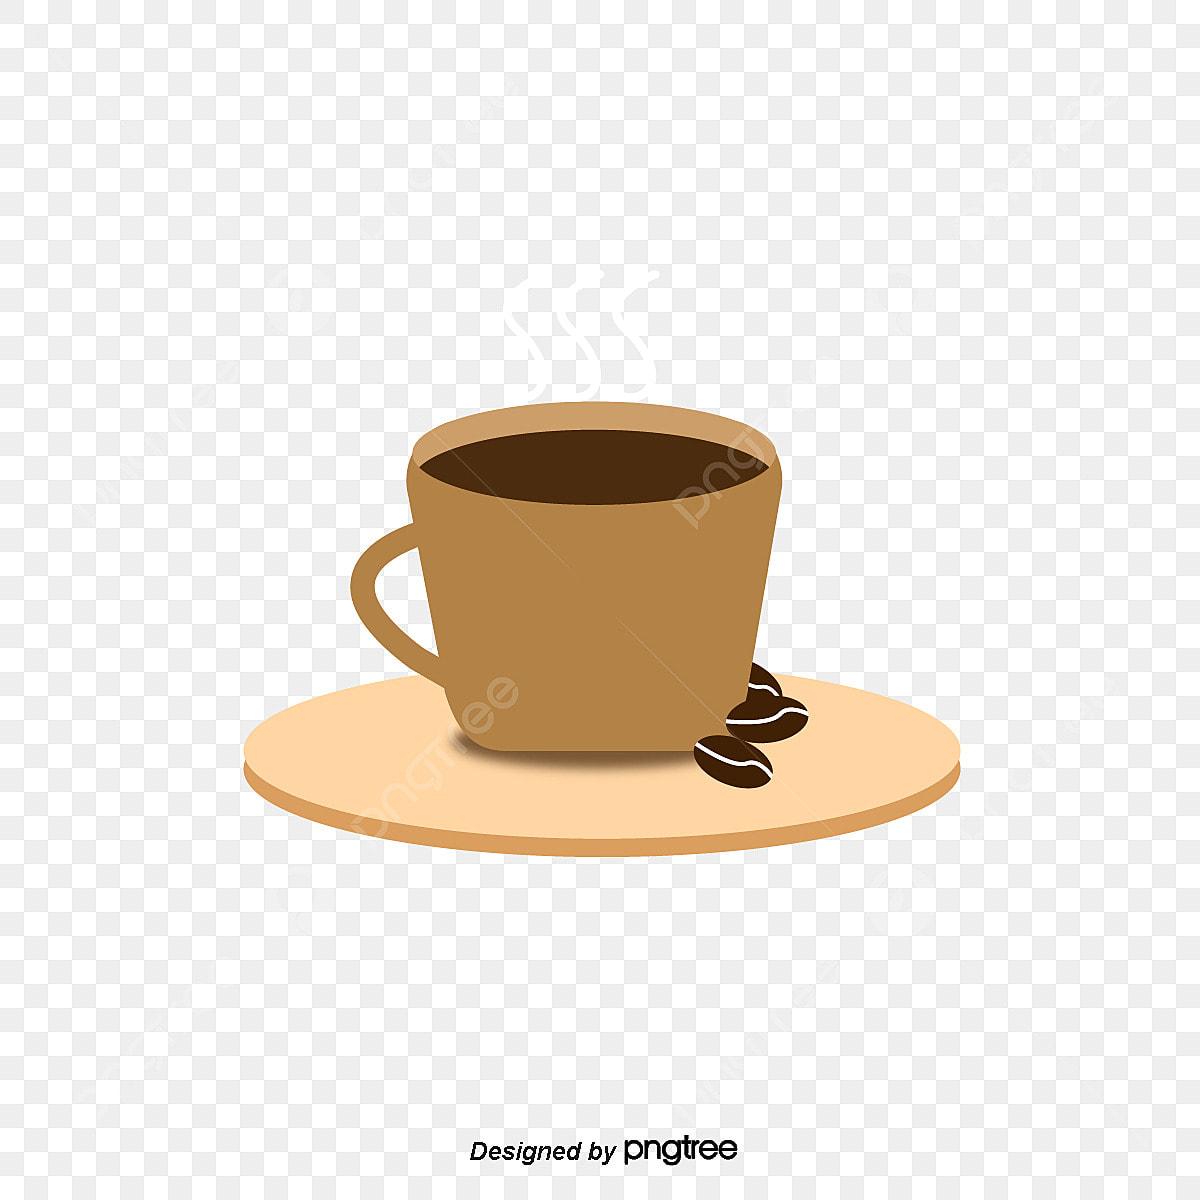 une tasse de caf u00e9 caf u00e9 tasse fichier png et psd pour le t u00e9l u00e9chargement libre